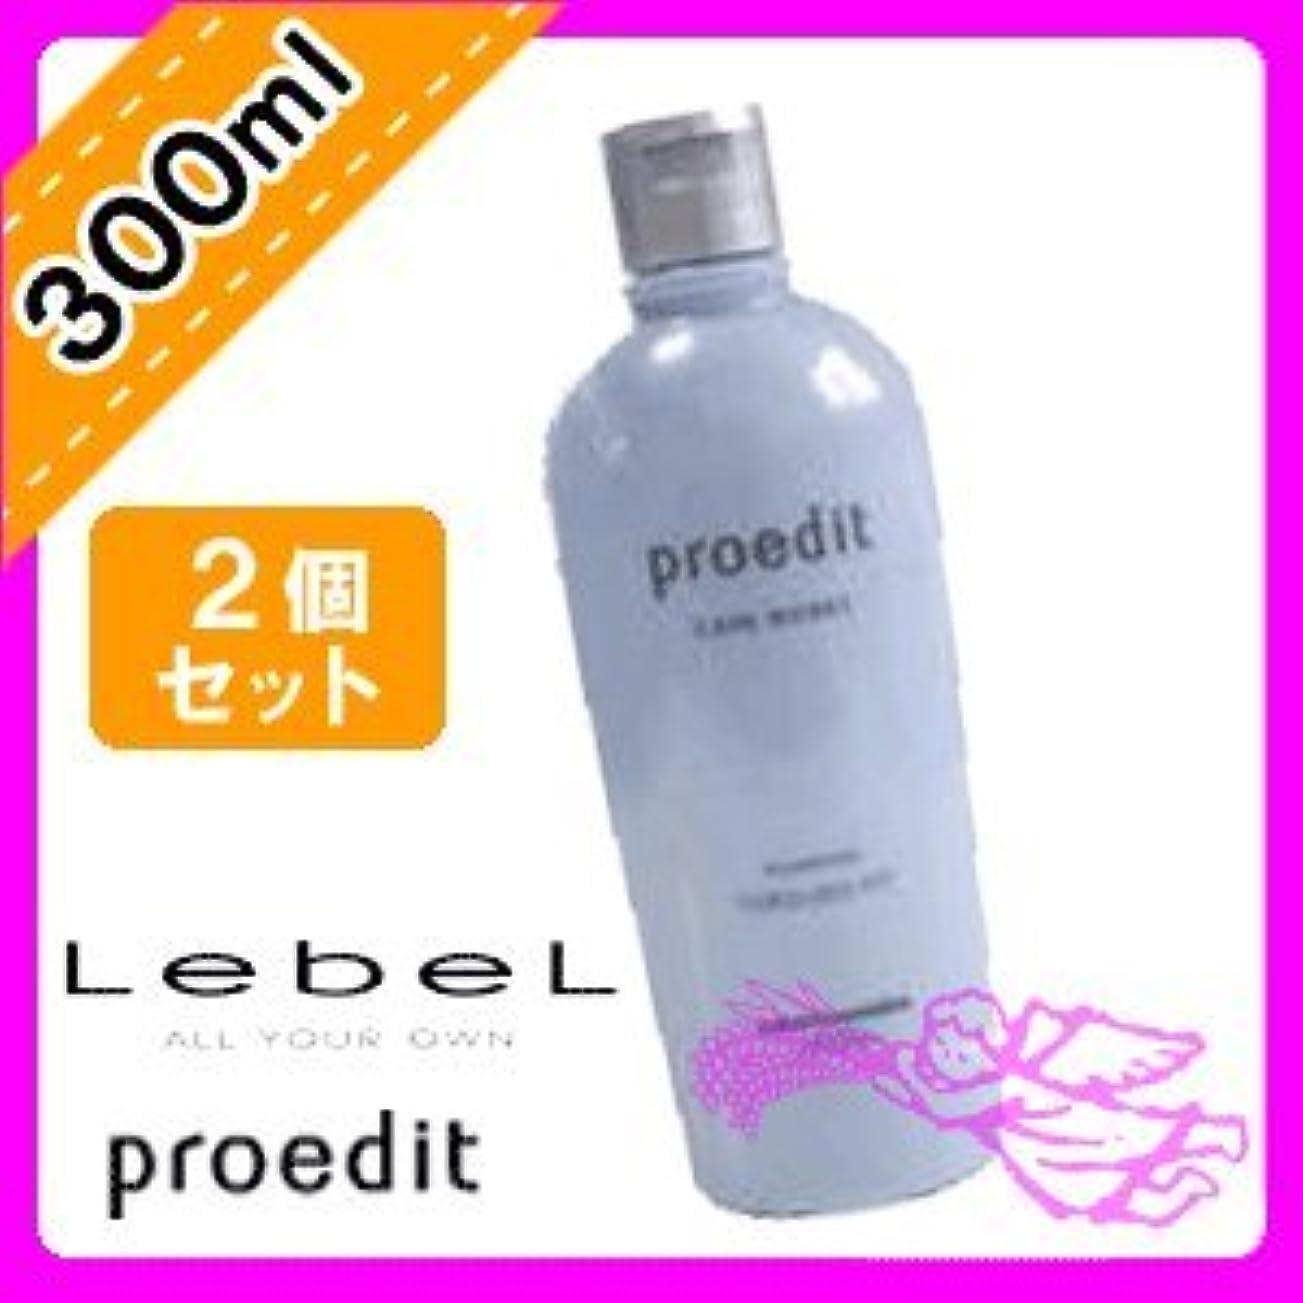 ピューカフェテリア倍率ルベル プロエディット シャンプー スルーフィット 300ml ×2個 セット しなやかでやわらかな洗い上がり LebeL proedit